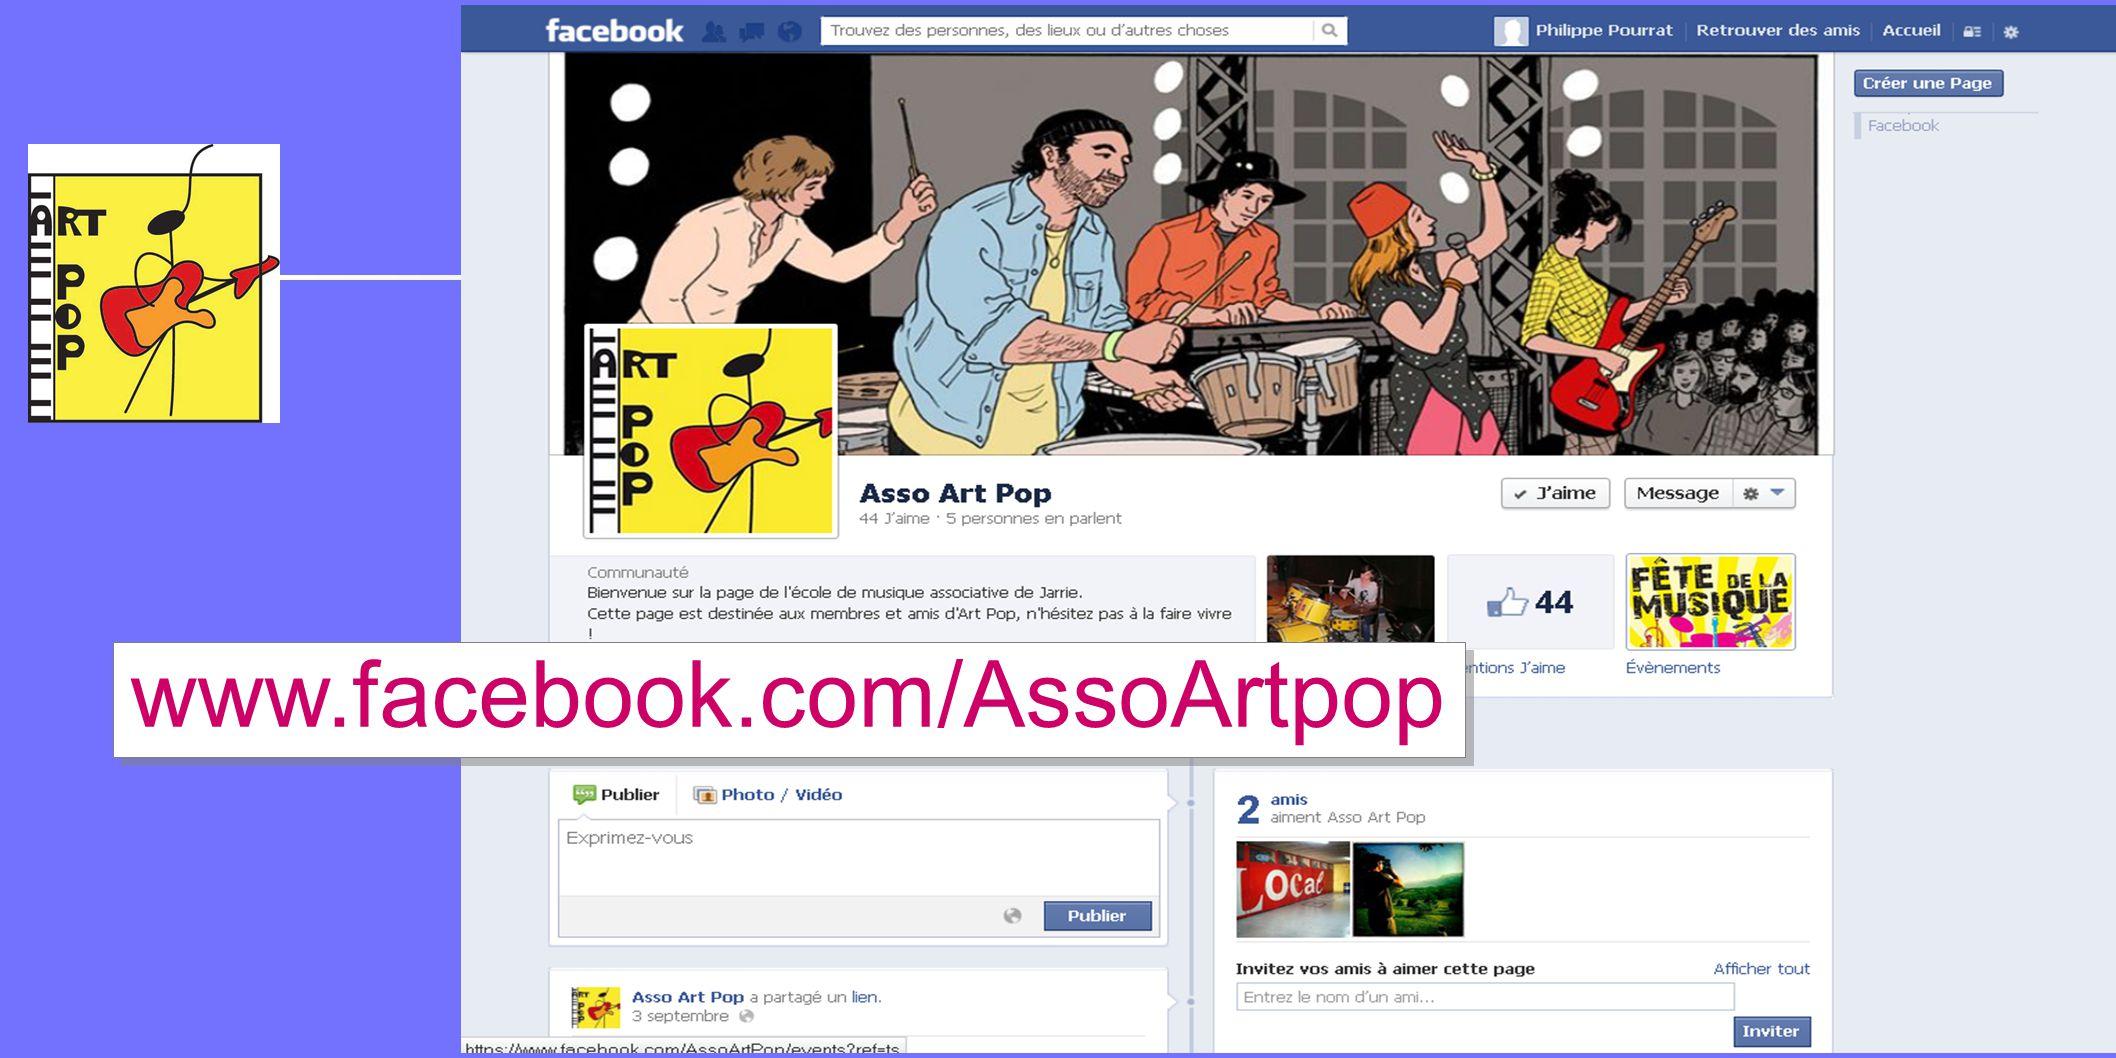 www.facebook.com/AssoArtpop